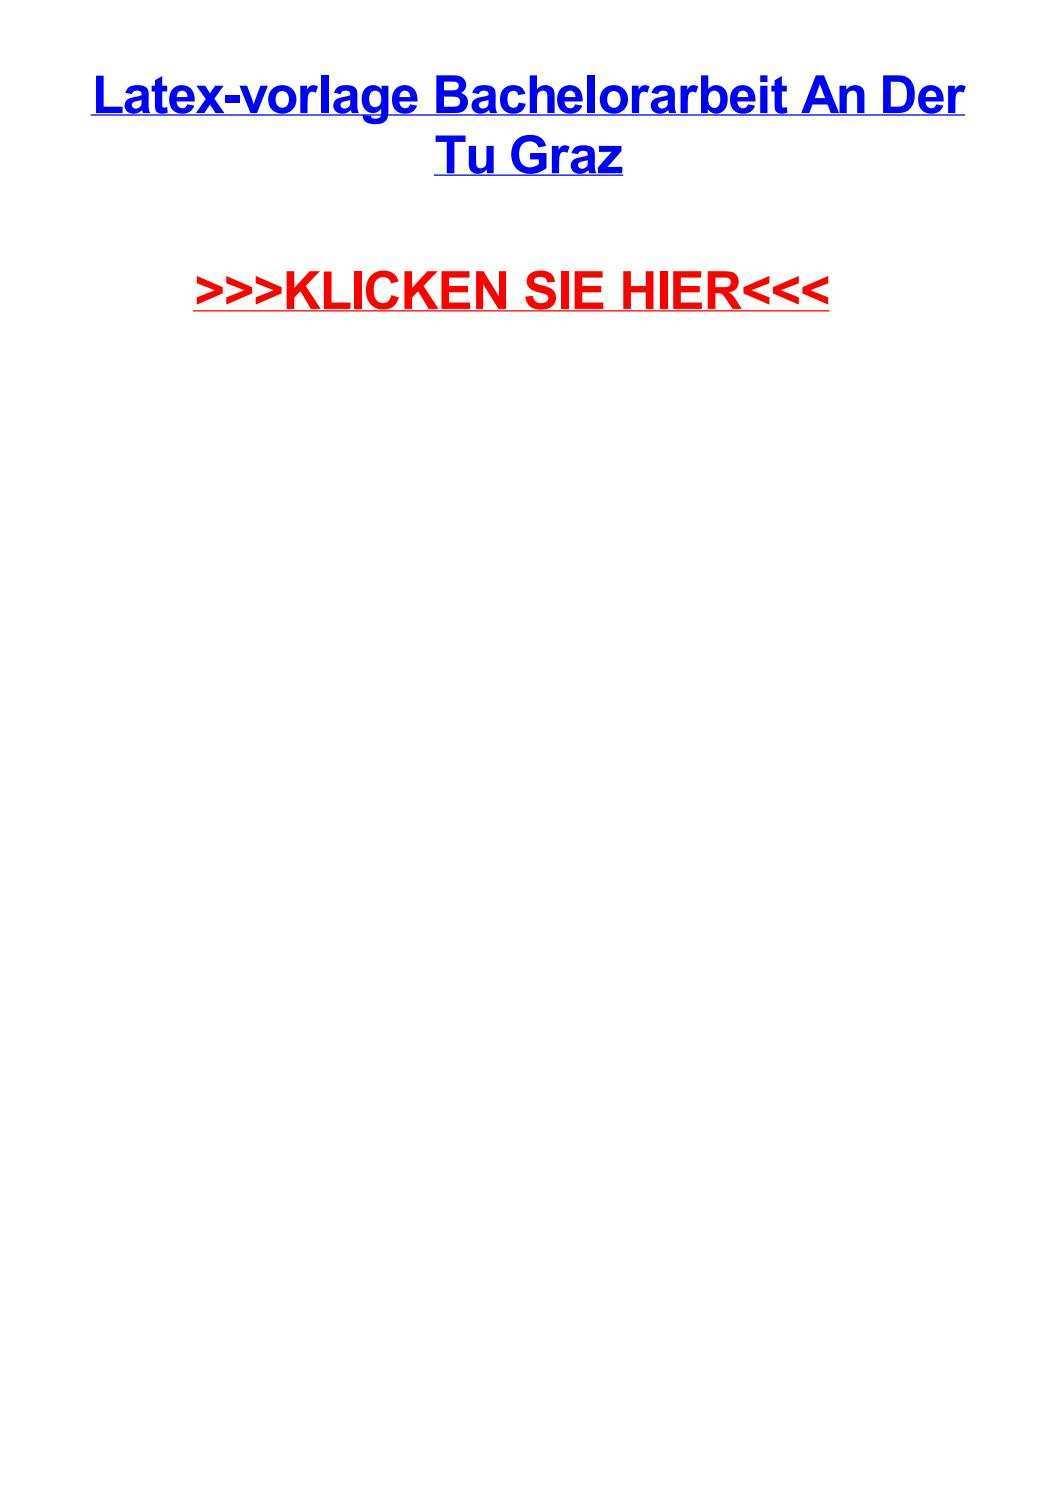 Latex Vorlage Bachelorarbeit An Der Tu Graz By Michaelwafx Issuu